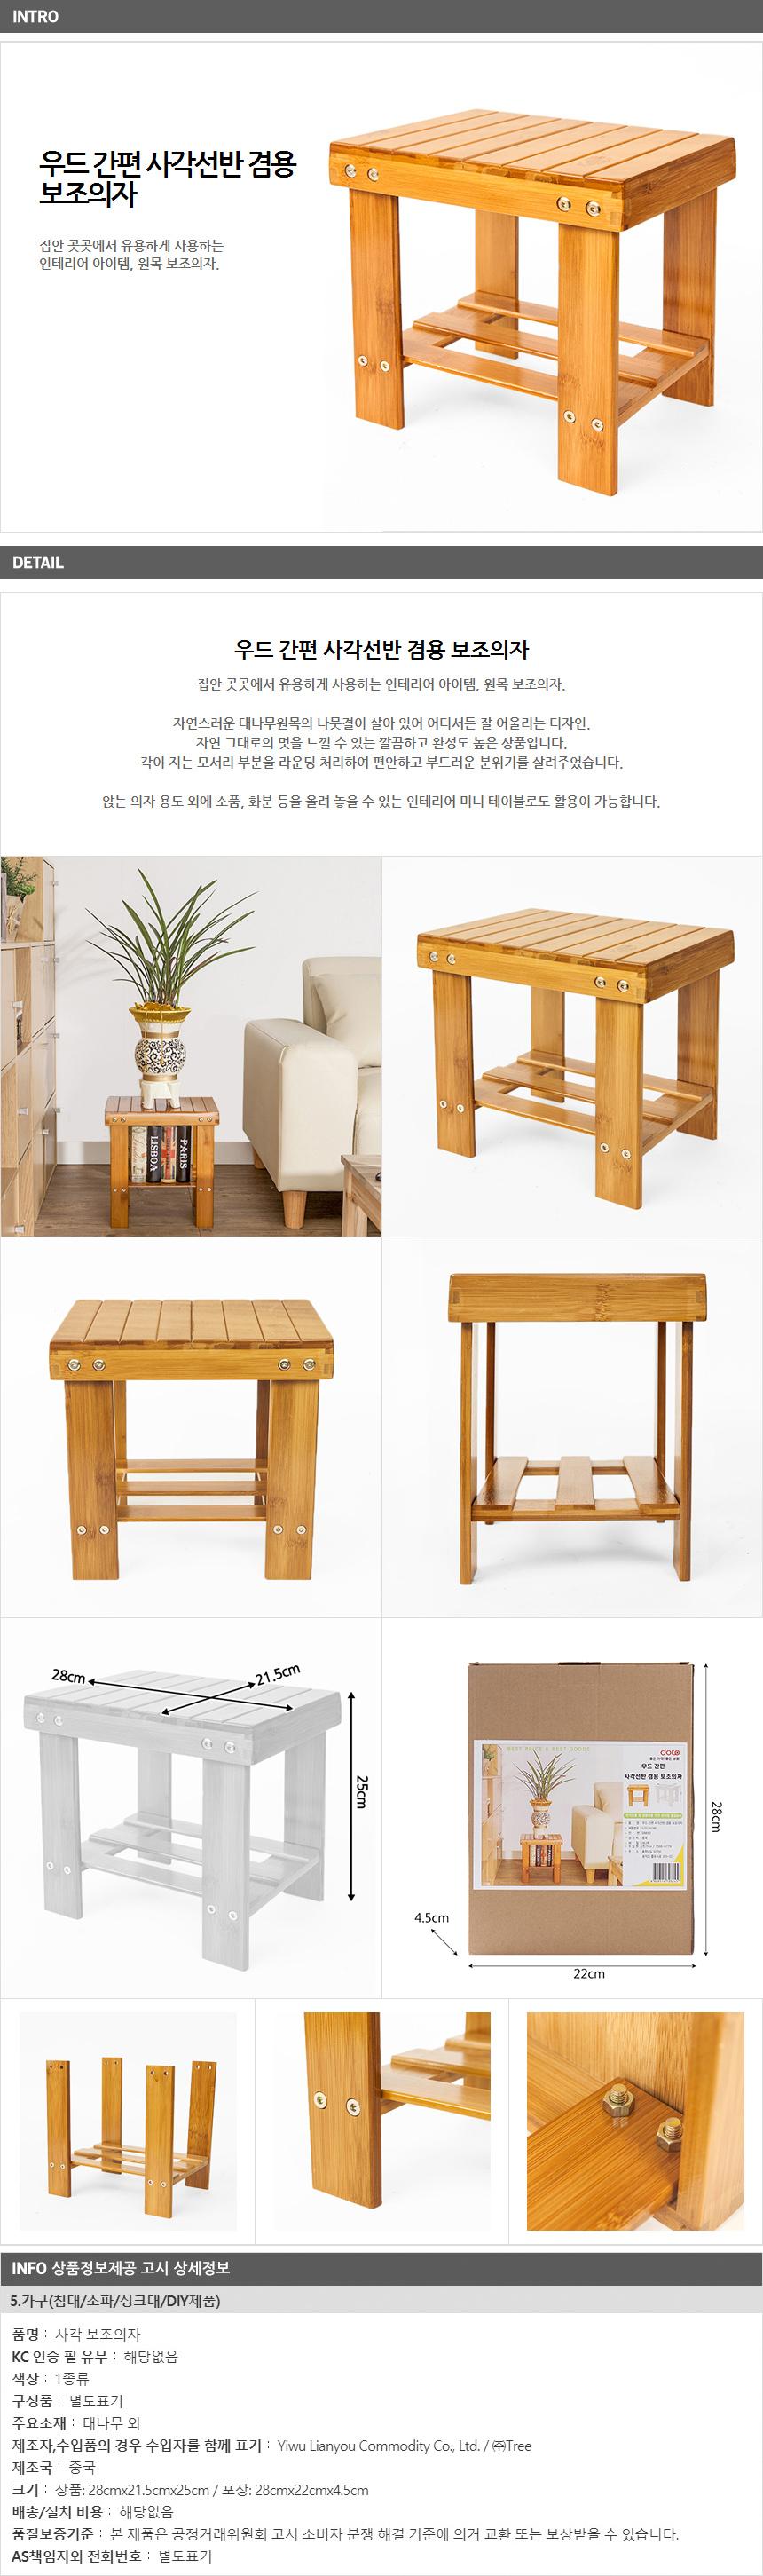 우드 간편 사각 보조의자/DIY 원목인테리어 미니스툴 - 기프트갓, 19,720원, 디자인 의자, 우드의자